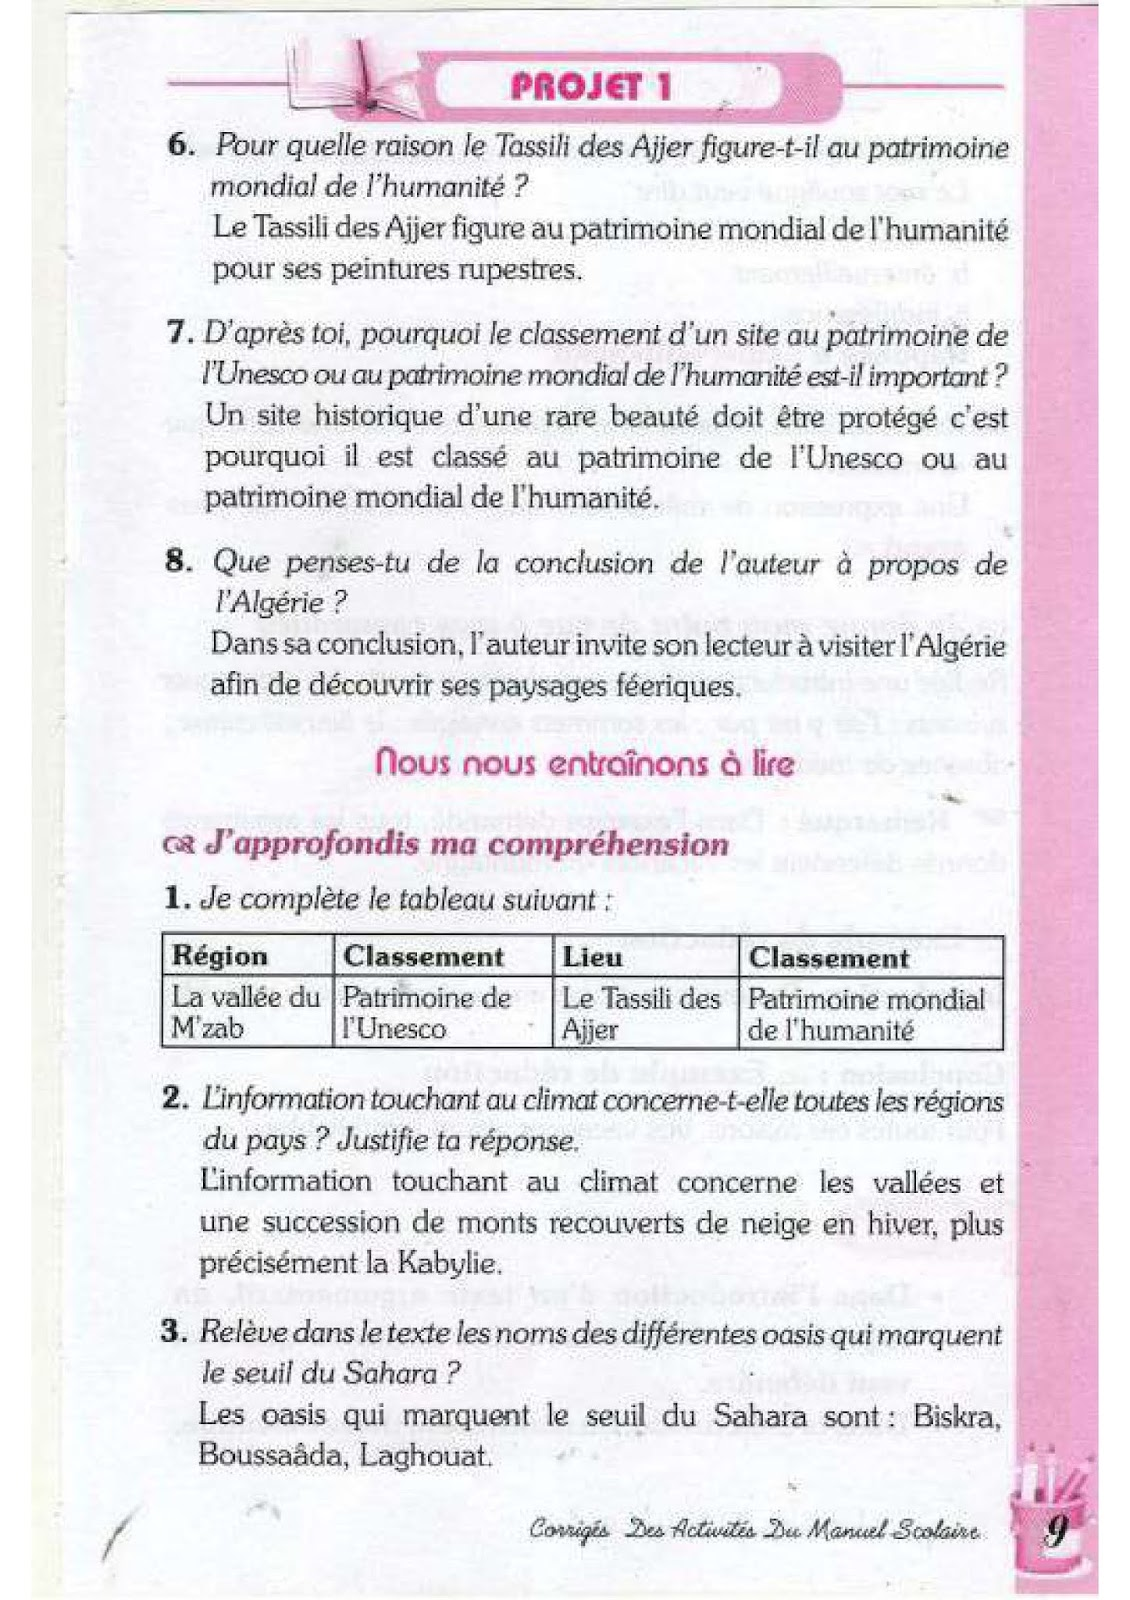 حل تمارين صفحة 13 الفرنسية للسنة الرابعة متوسط - الجيل الثاني | موقع  التعليم الجزائري - Dzetude